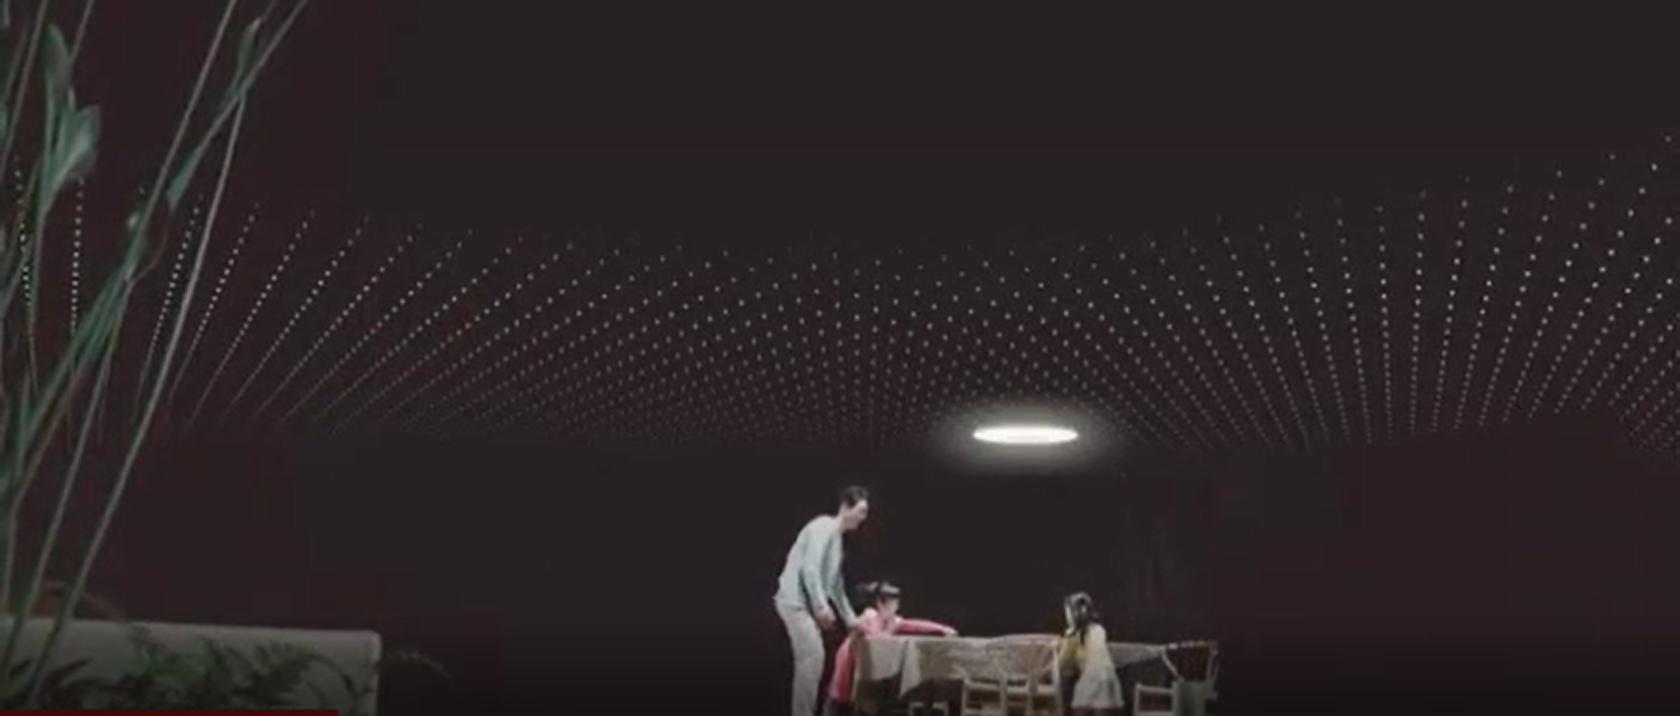 لامپ هوشمند شرکت سونی